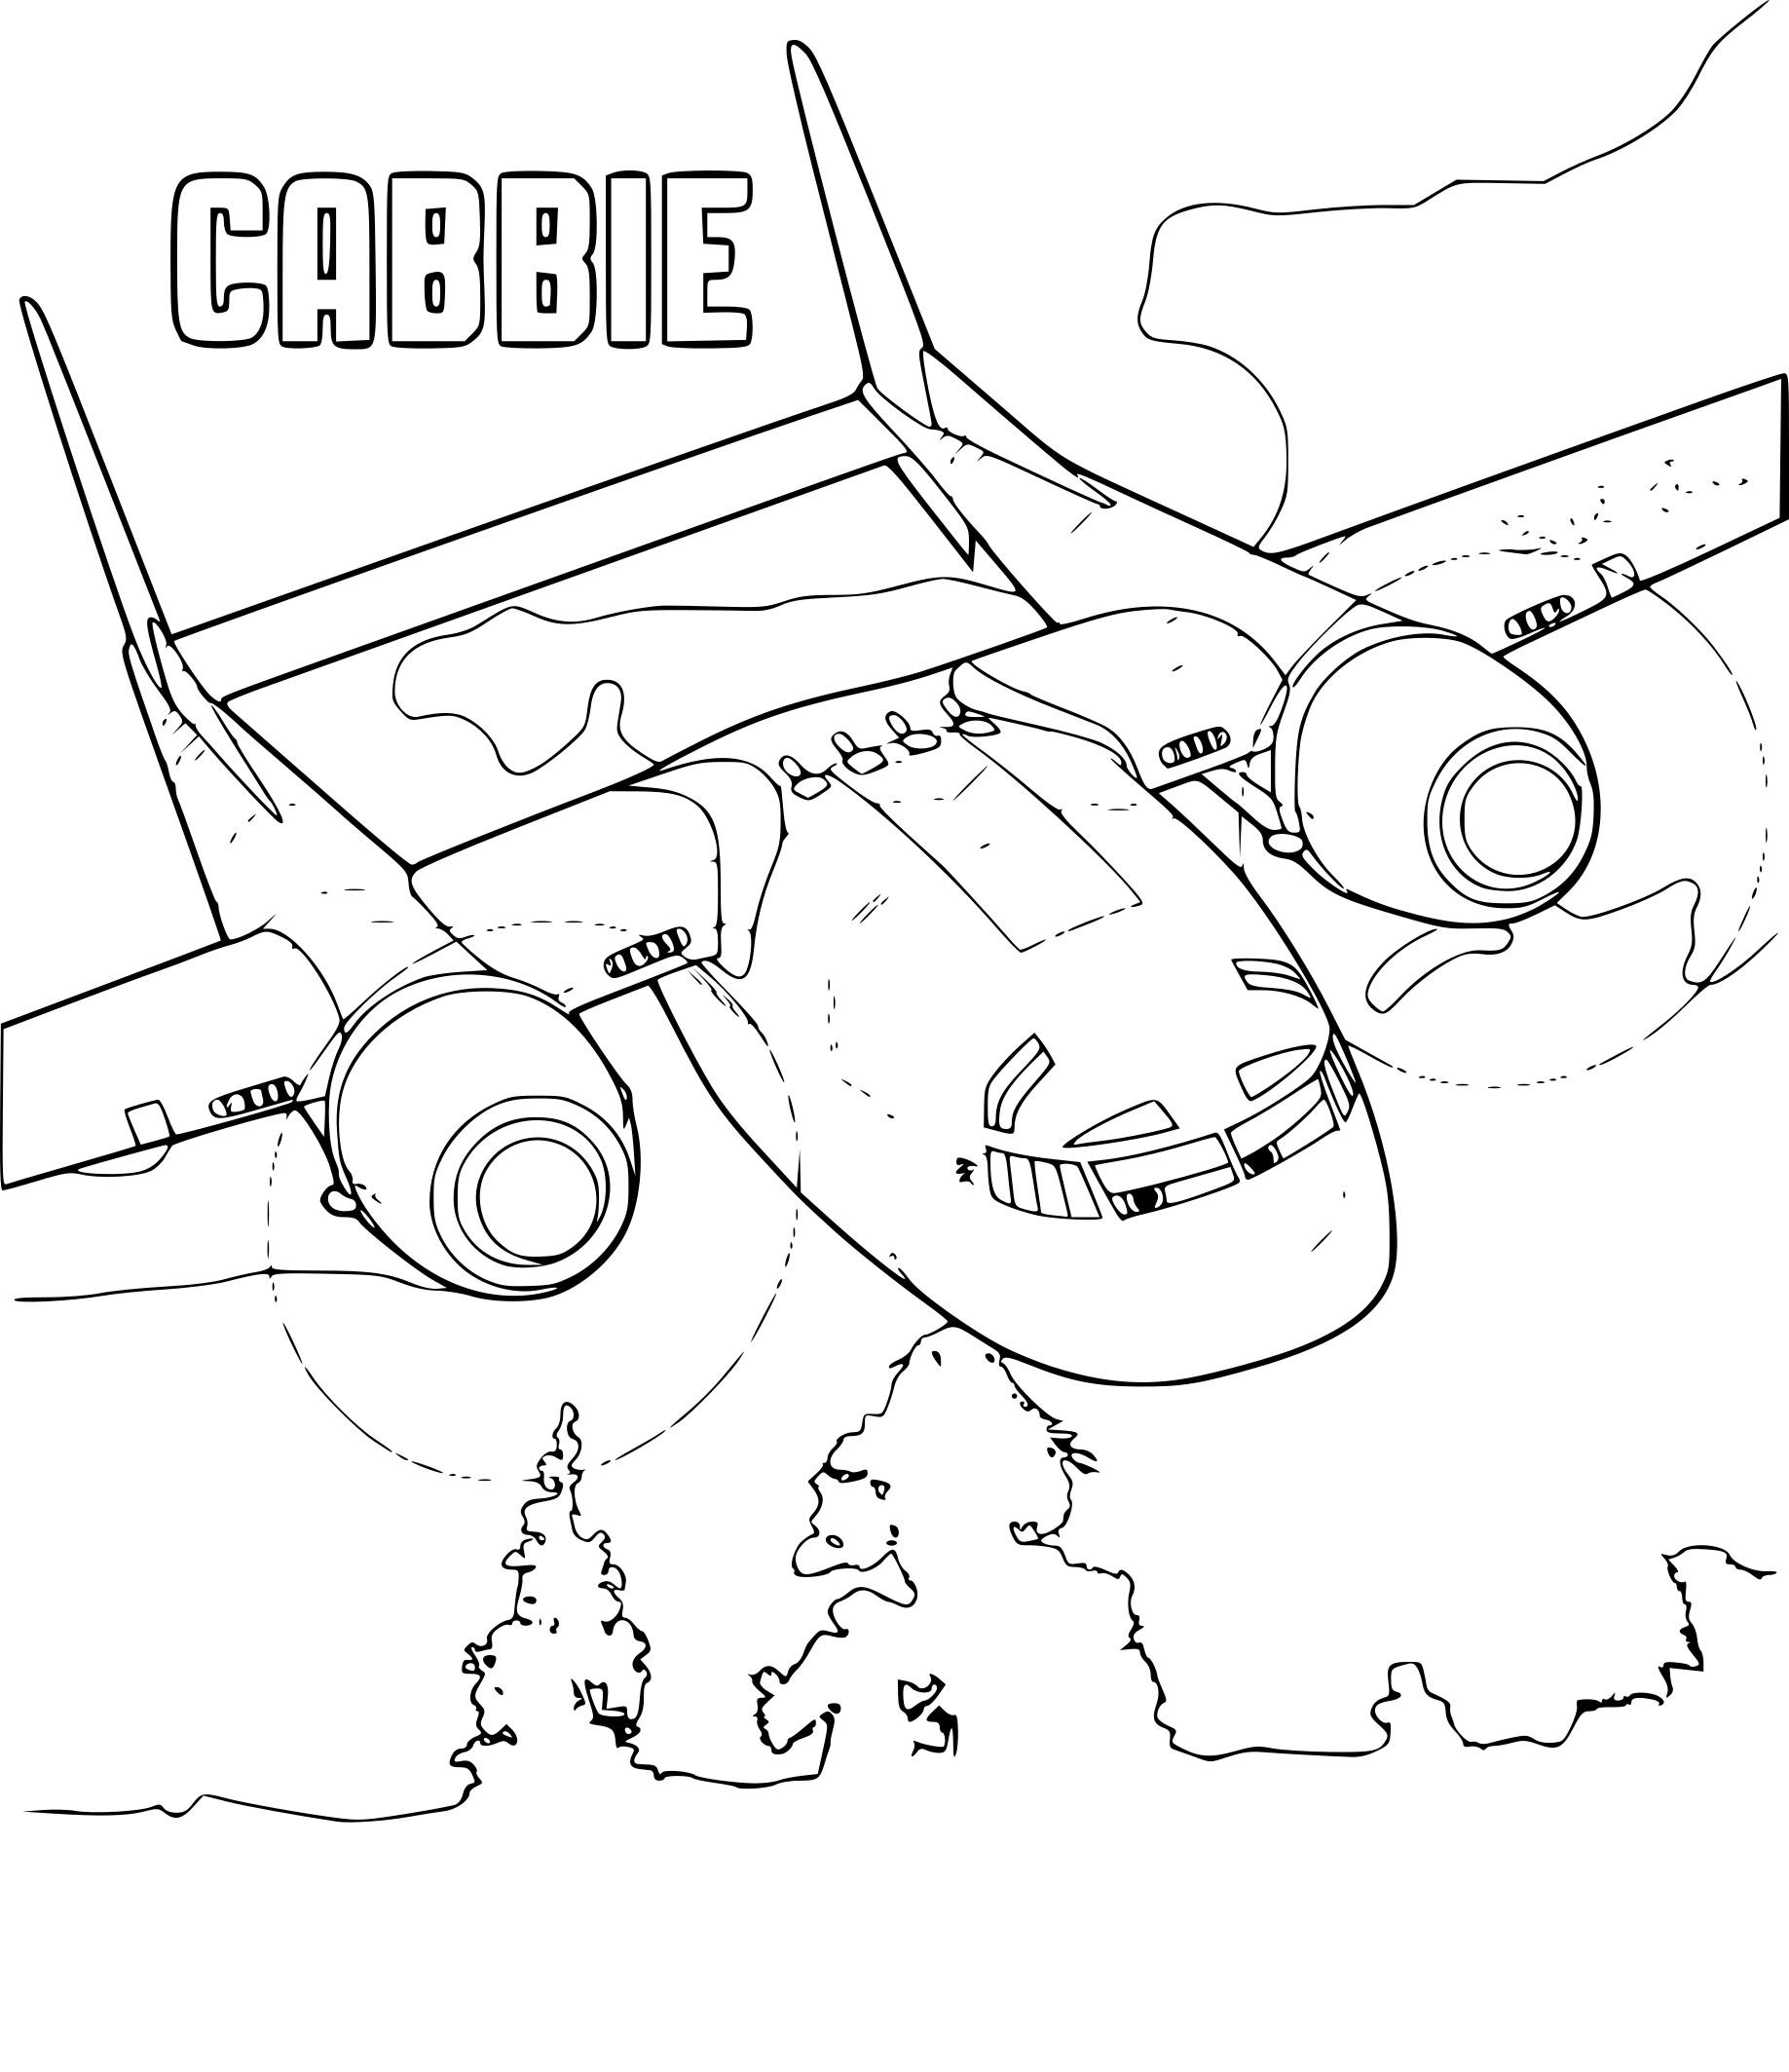 Nouveau dessin a colorier avion planes - Planes coloriage ...